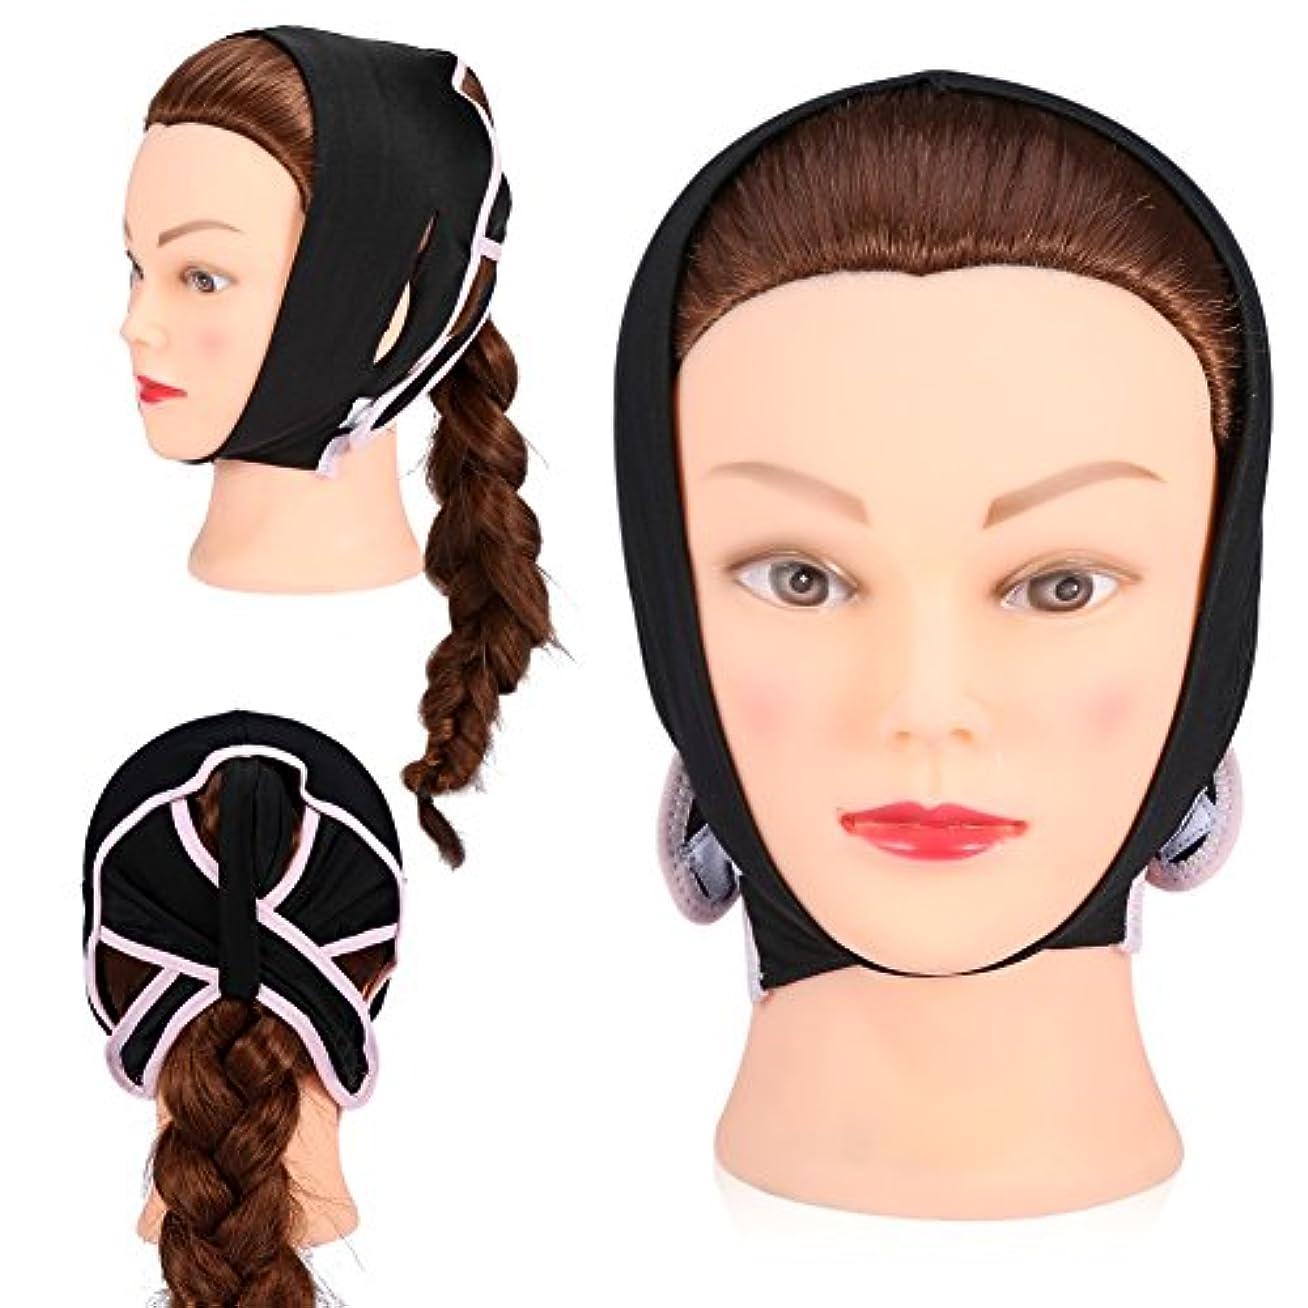 現象戦う除去フェイスケアのための顔面V字型包帯フェイシャルスリミングマスク薄い首のフェイスリフトダブルチン女性用、黒(L)